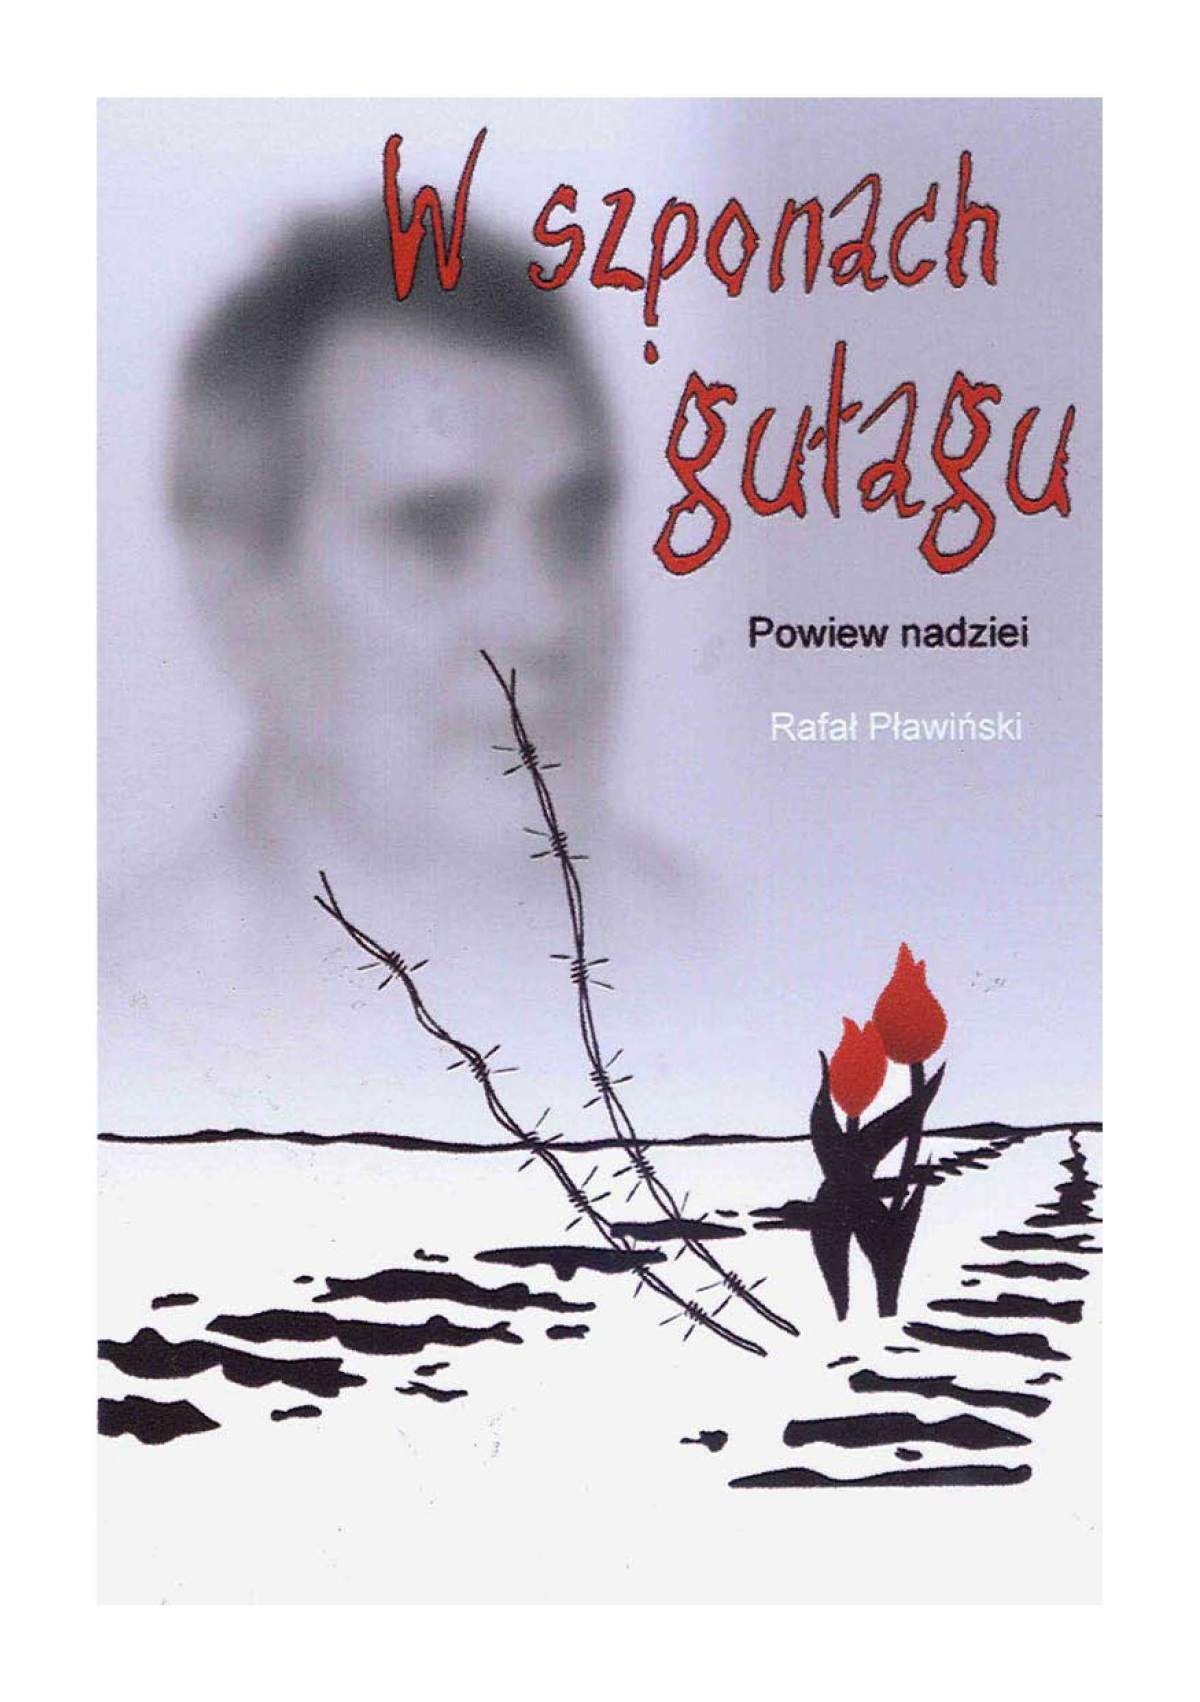 W szponach gułagu: Powiew nadziei - Ebook (Książka PDF) do pobrania w formacie PDF